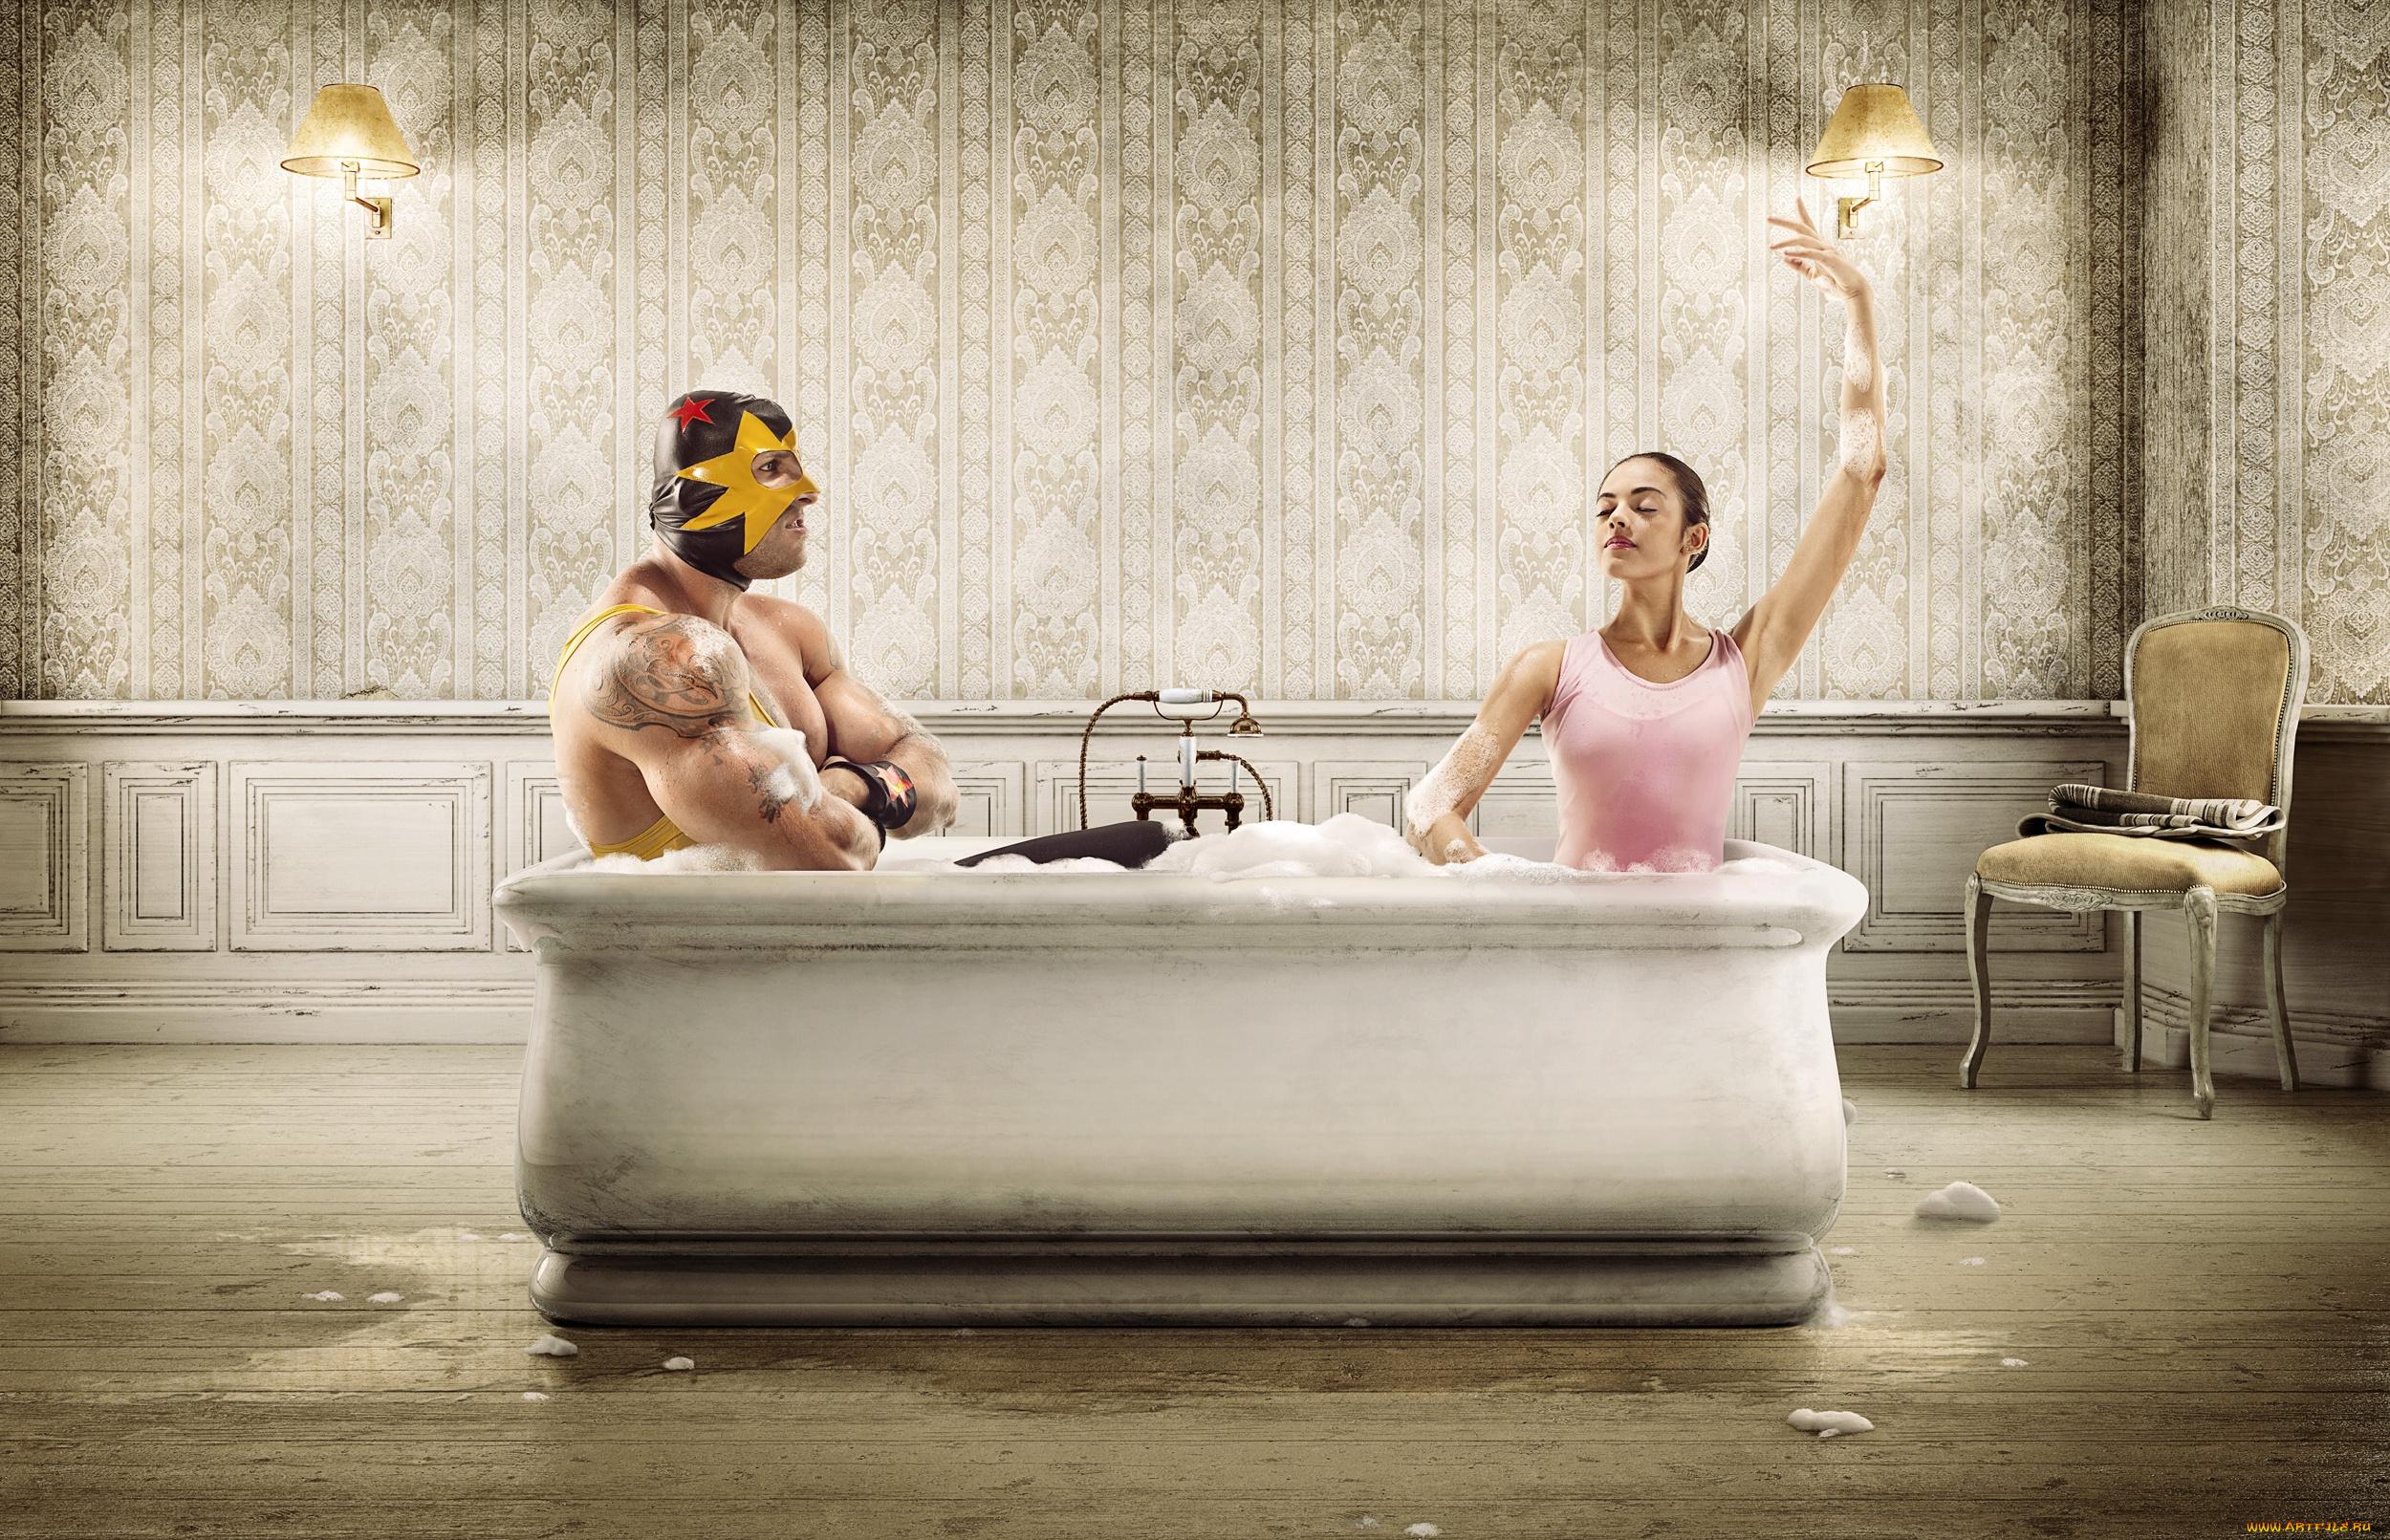 Шоколадом, принятие ванны смешные картинки